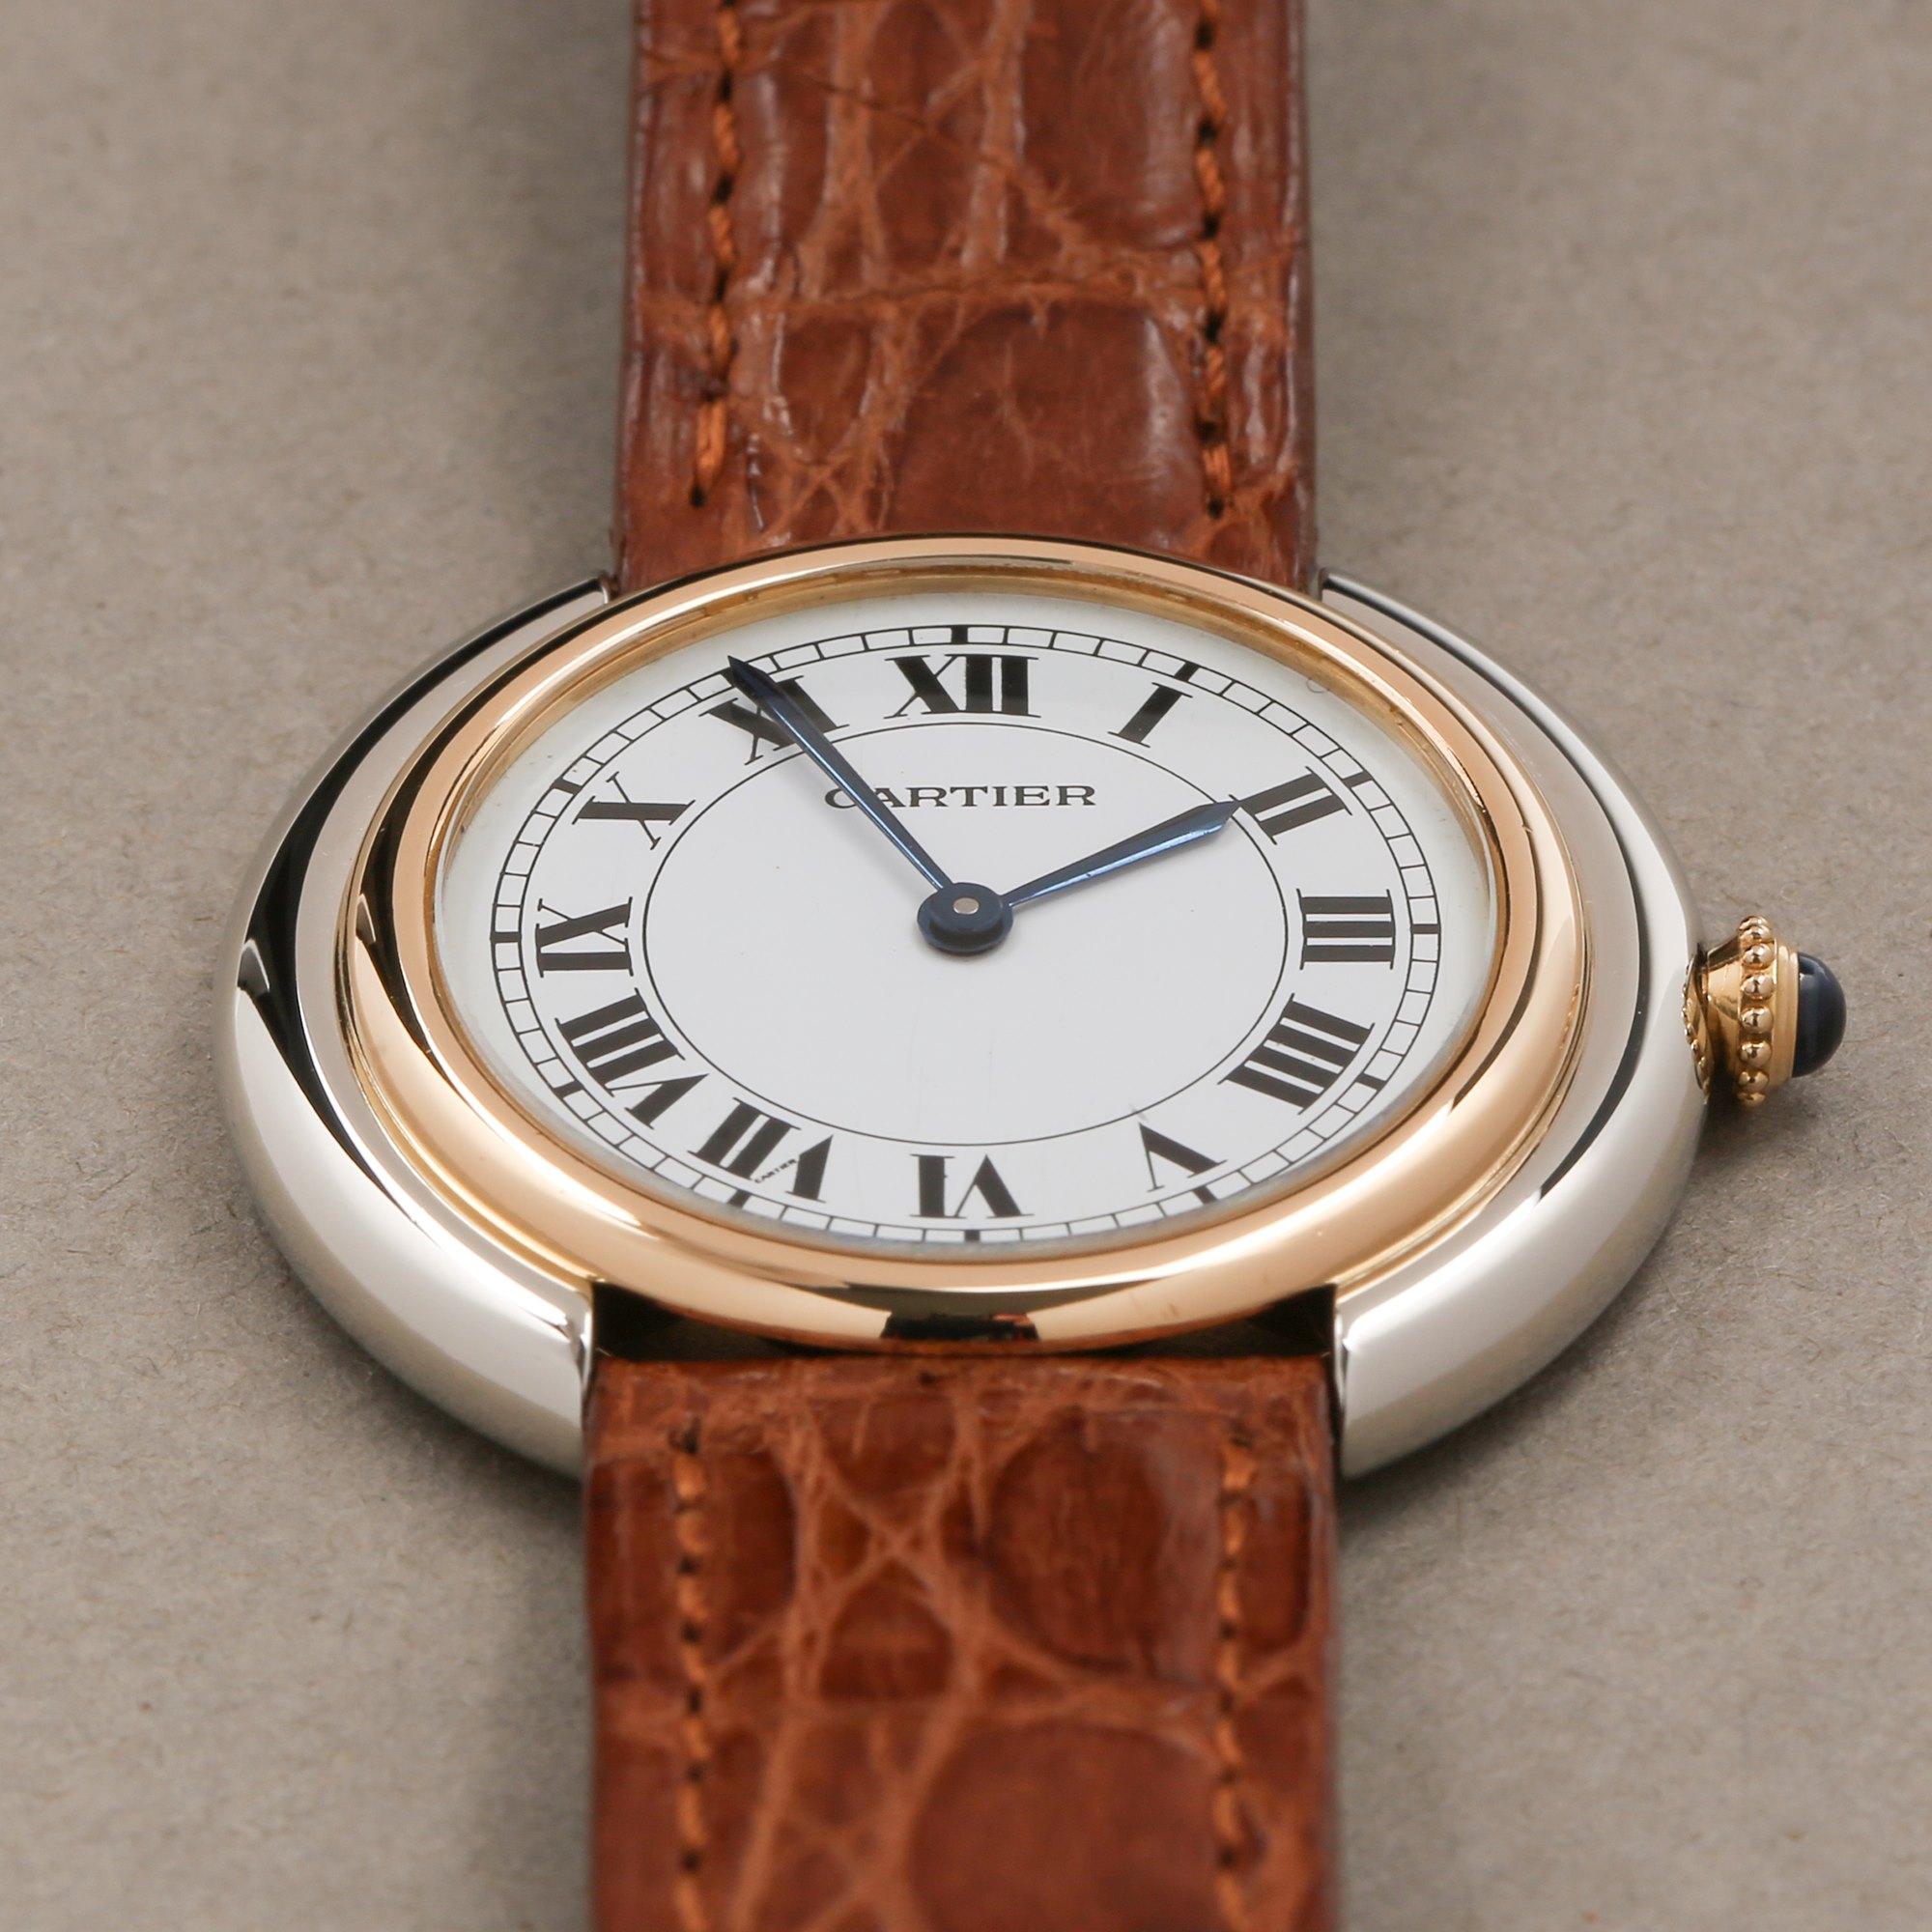 Cartier Vendome Paris 18K Yellow Gold 81721200